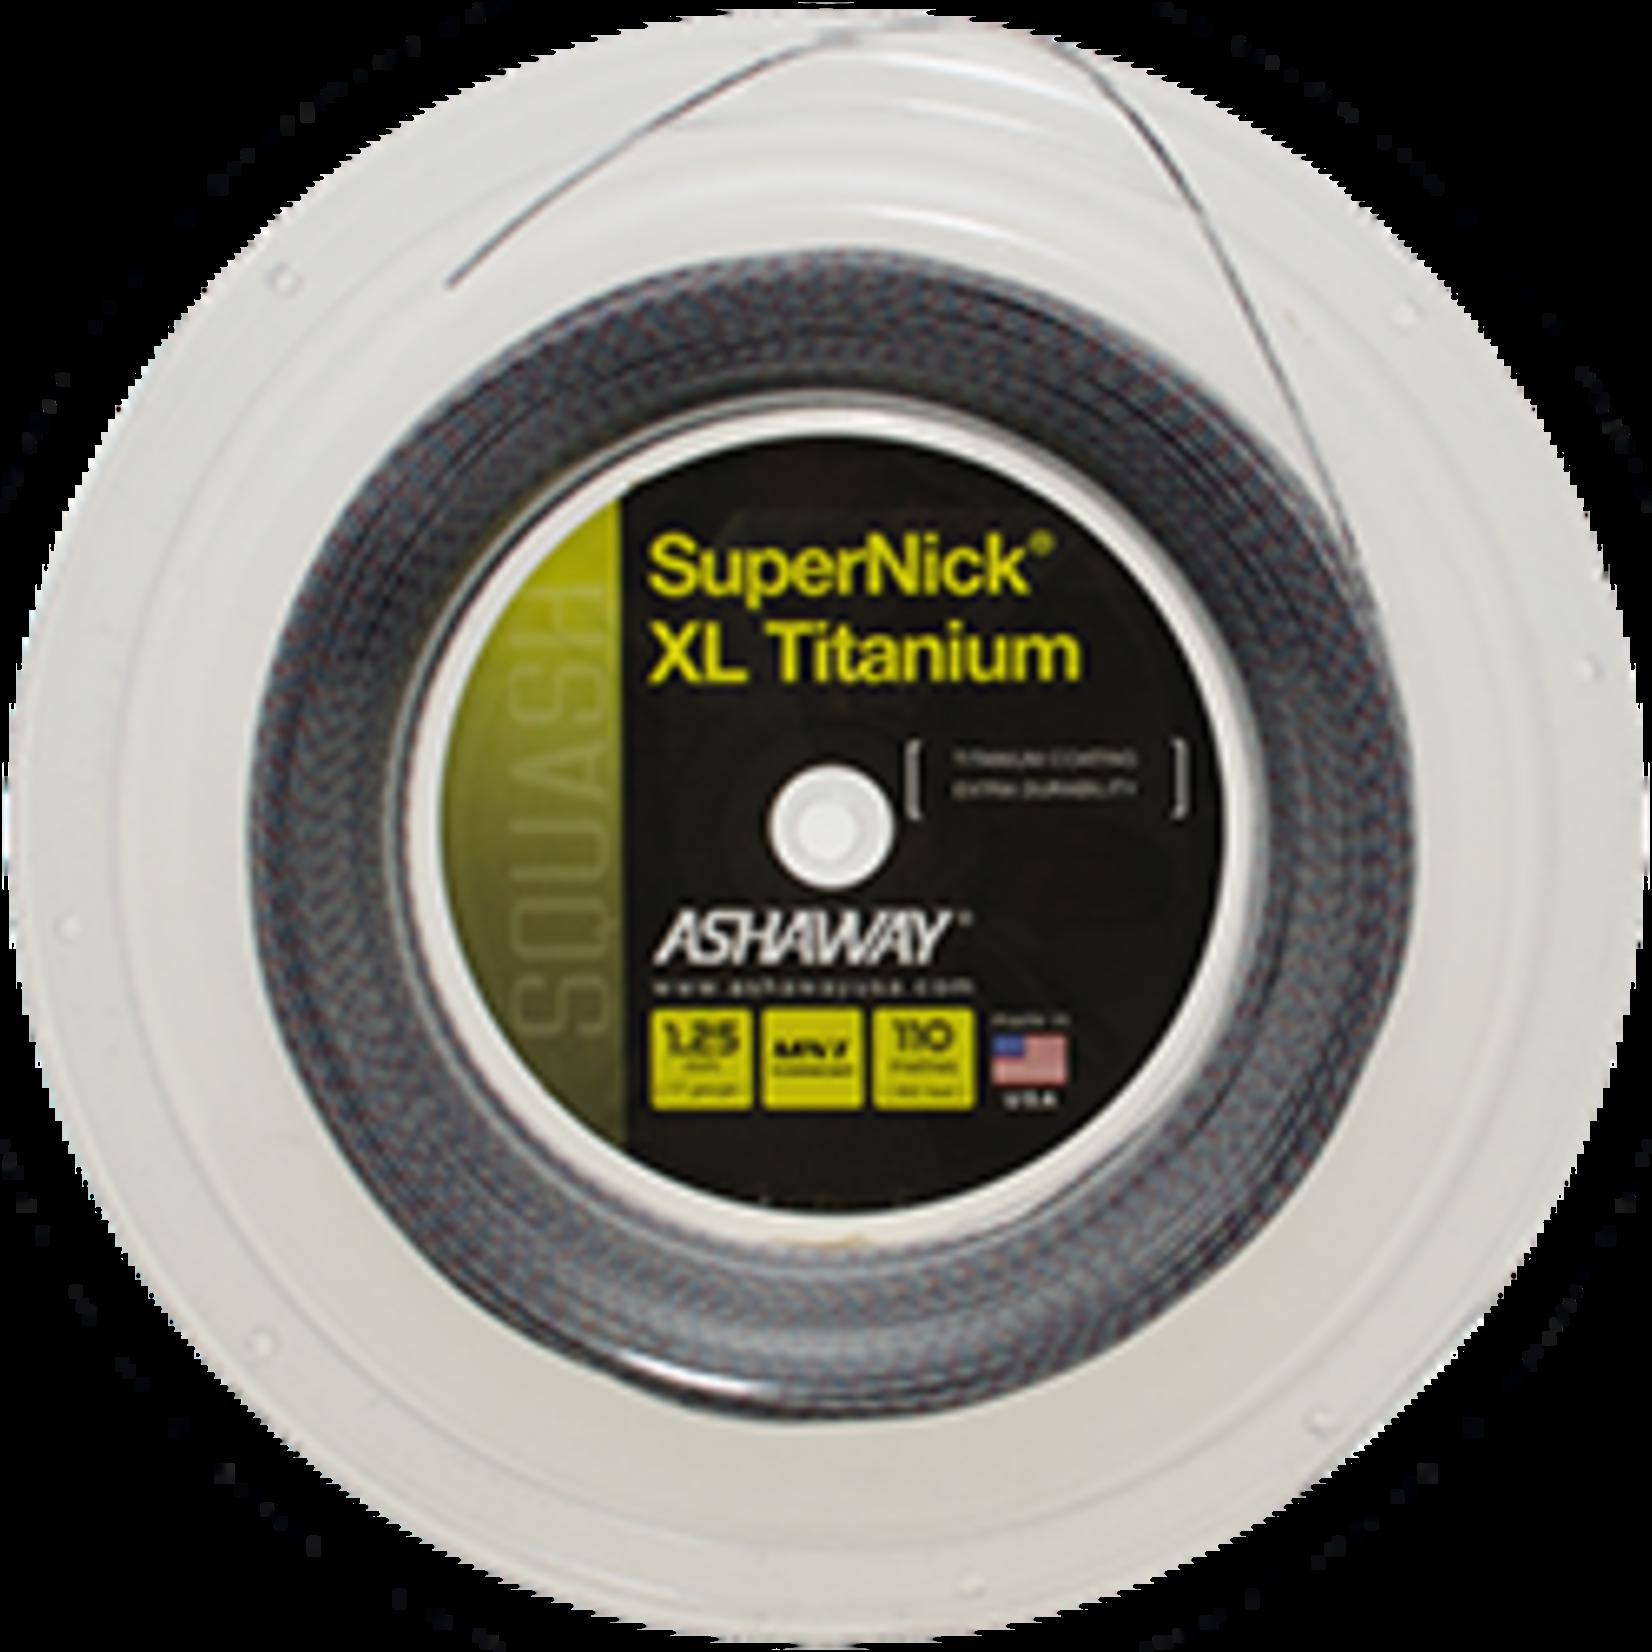 Ashaway SuperNick XL Titanium Squash 1,25mm